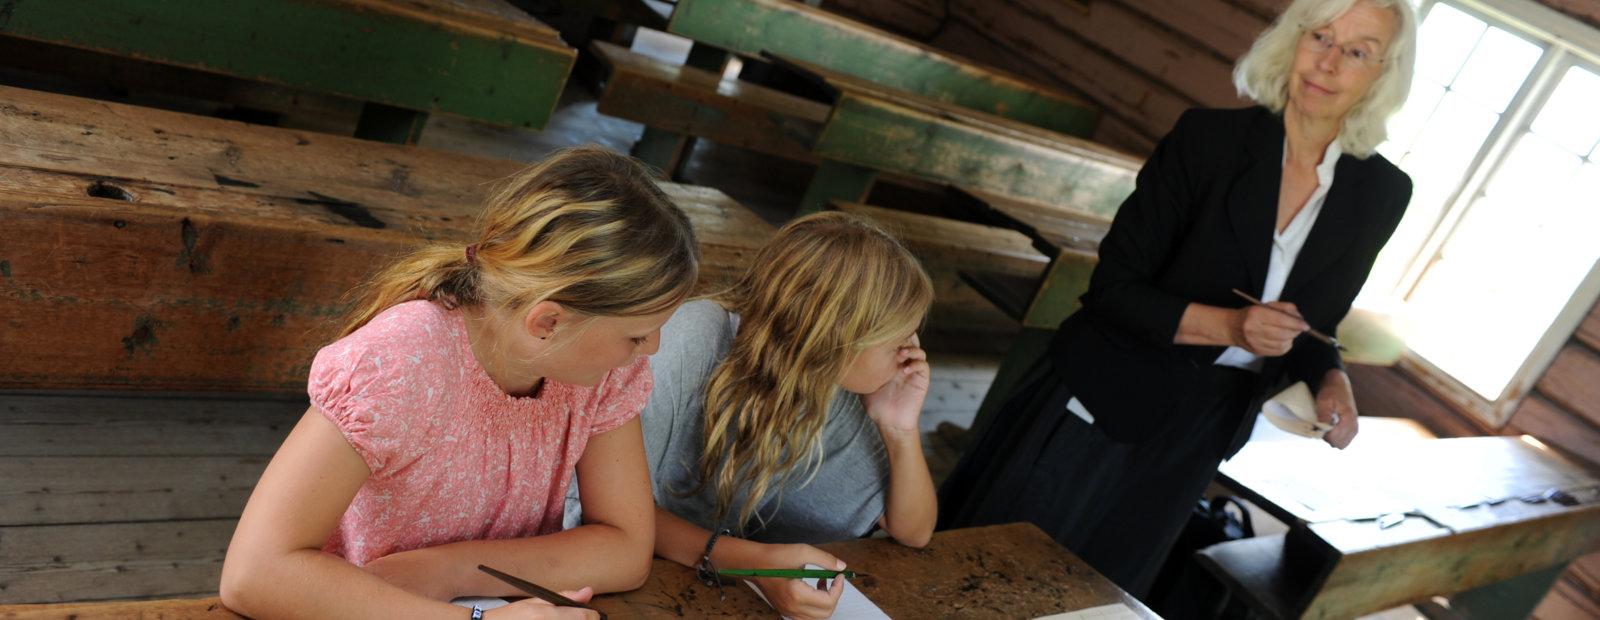 Barna lærer å skrive med blekkpenn i skolestua på Maihaugen